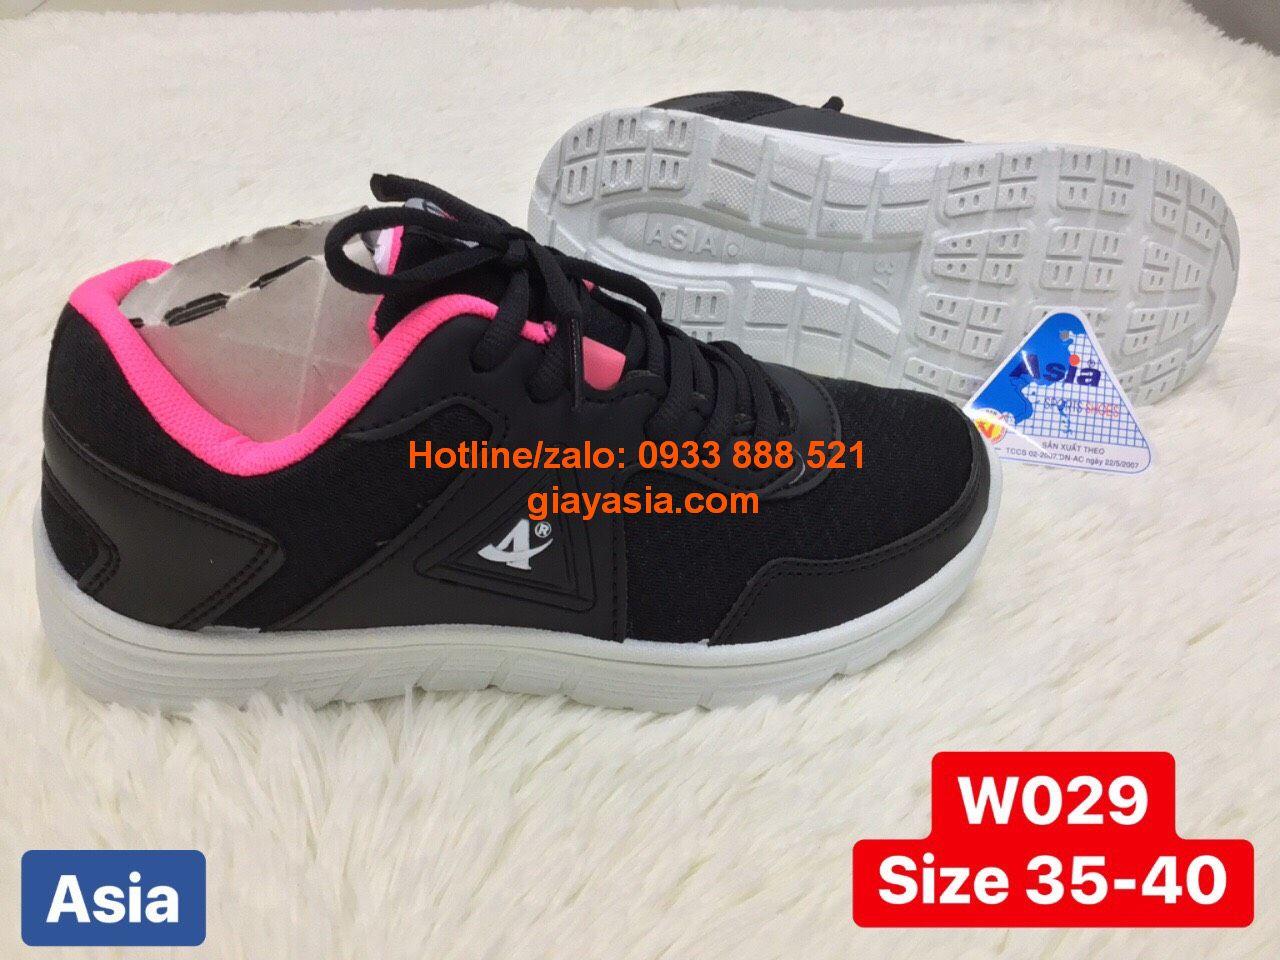 Giày asia thời trang nữ màu đen